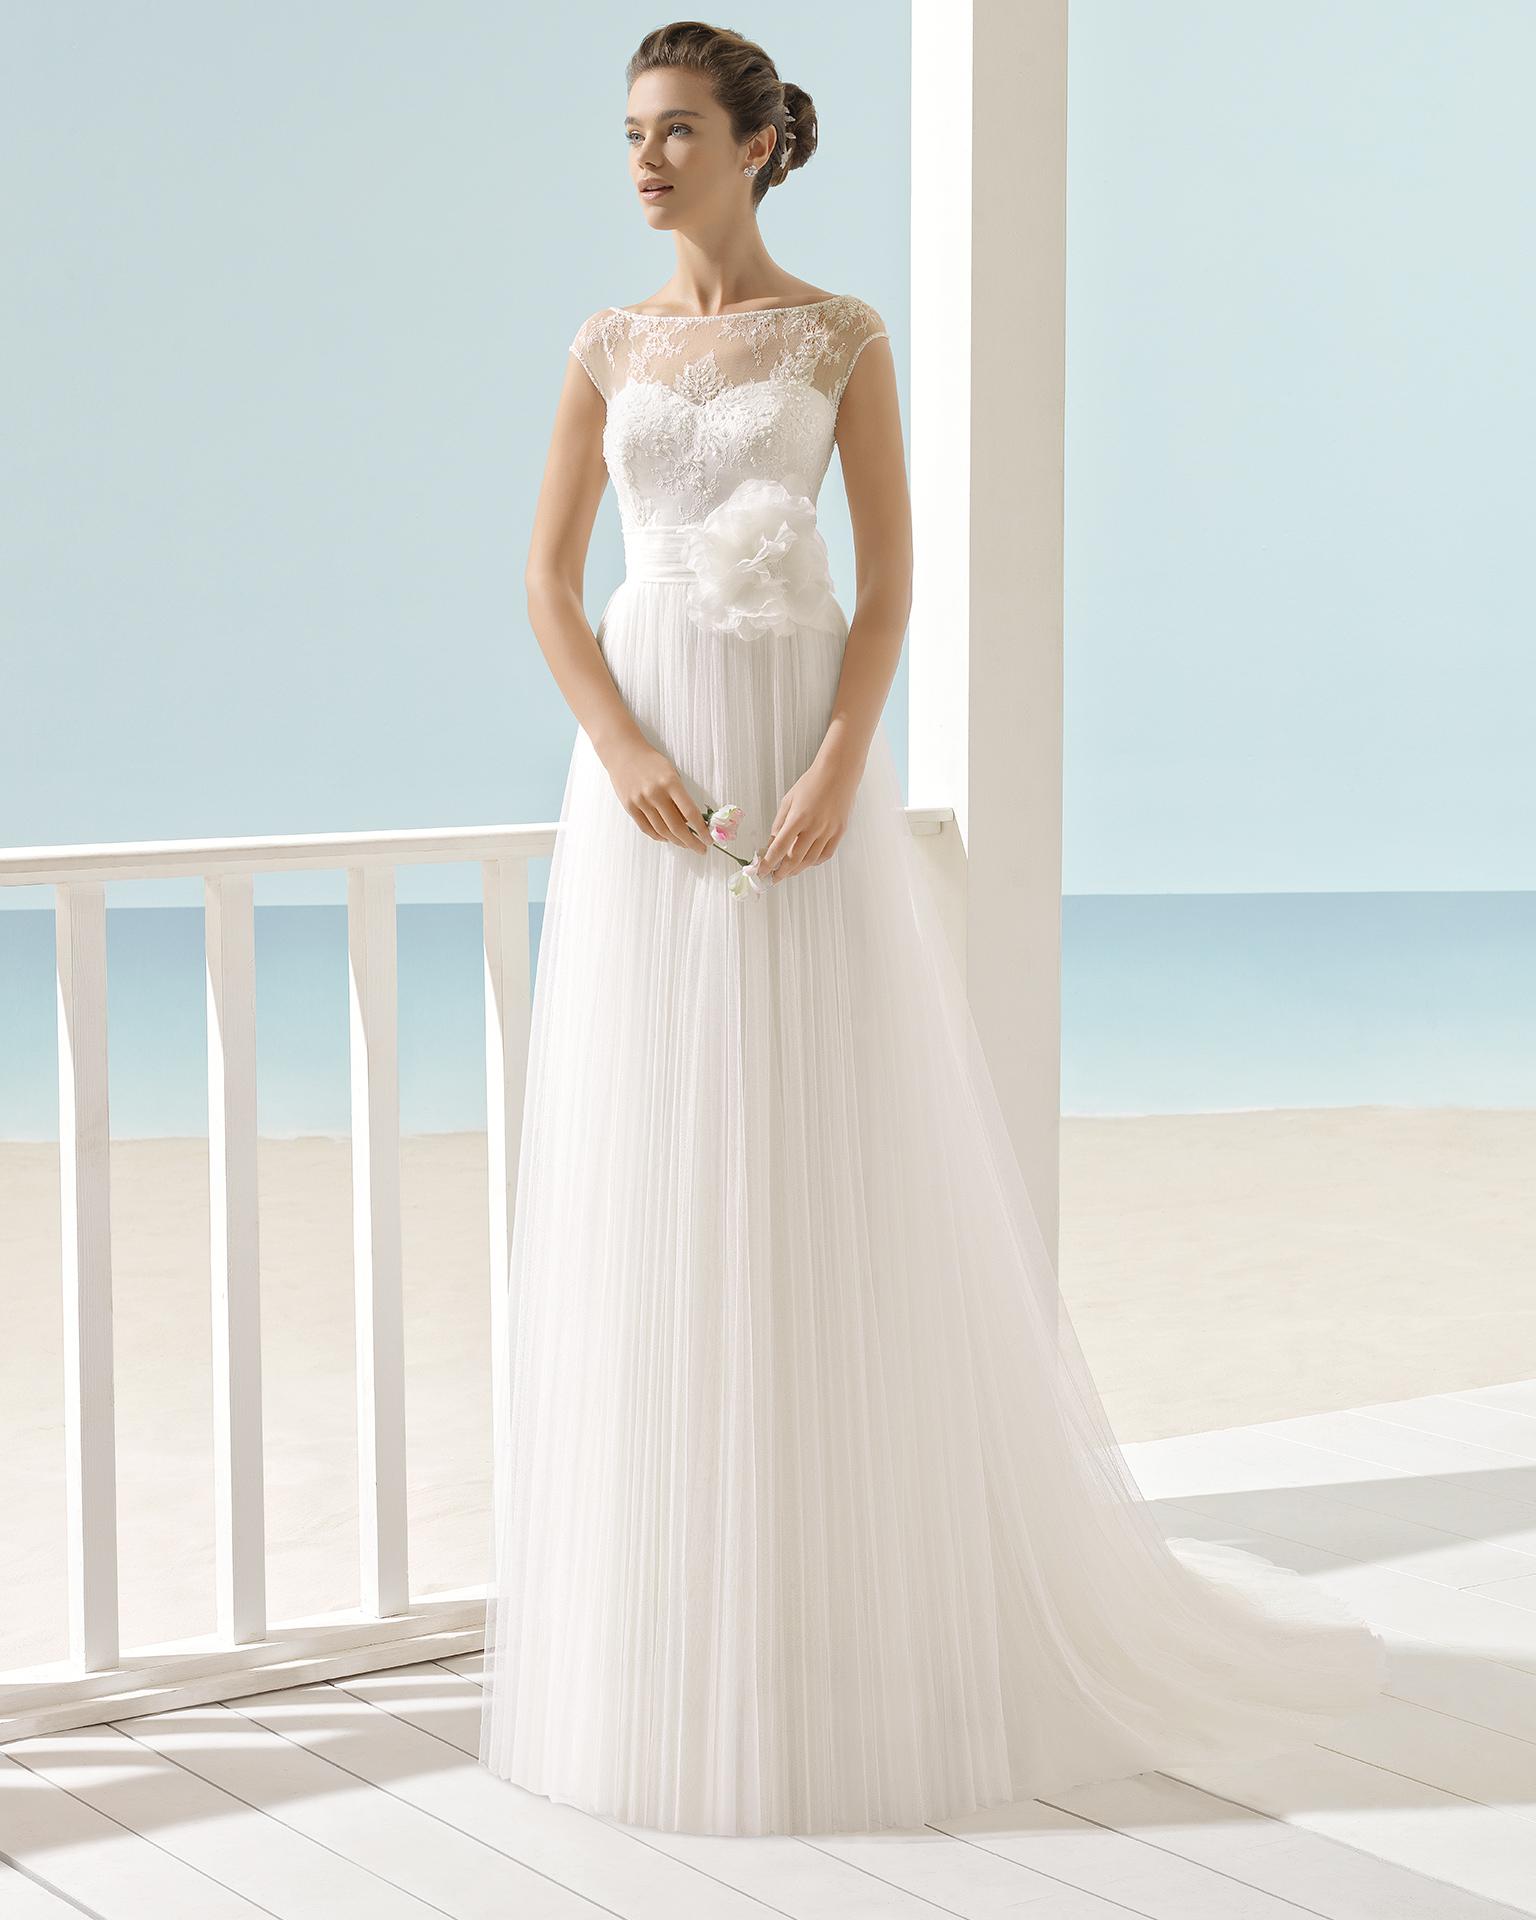 فستان الزفاف XIANA من مجموعة فساتين الزفاف على الشاطئ Aire Barcelona 2017